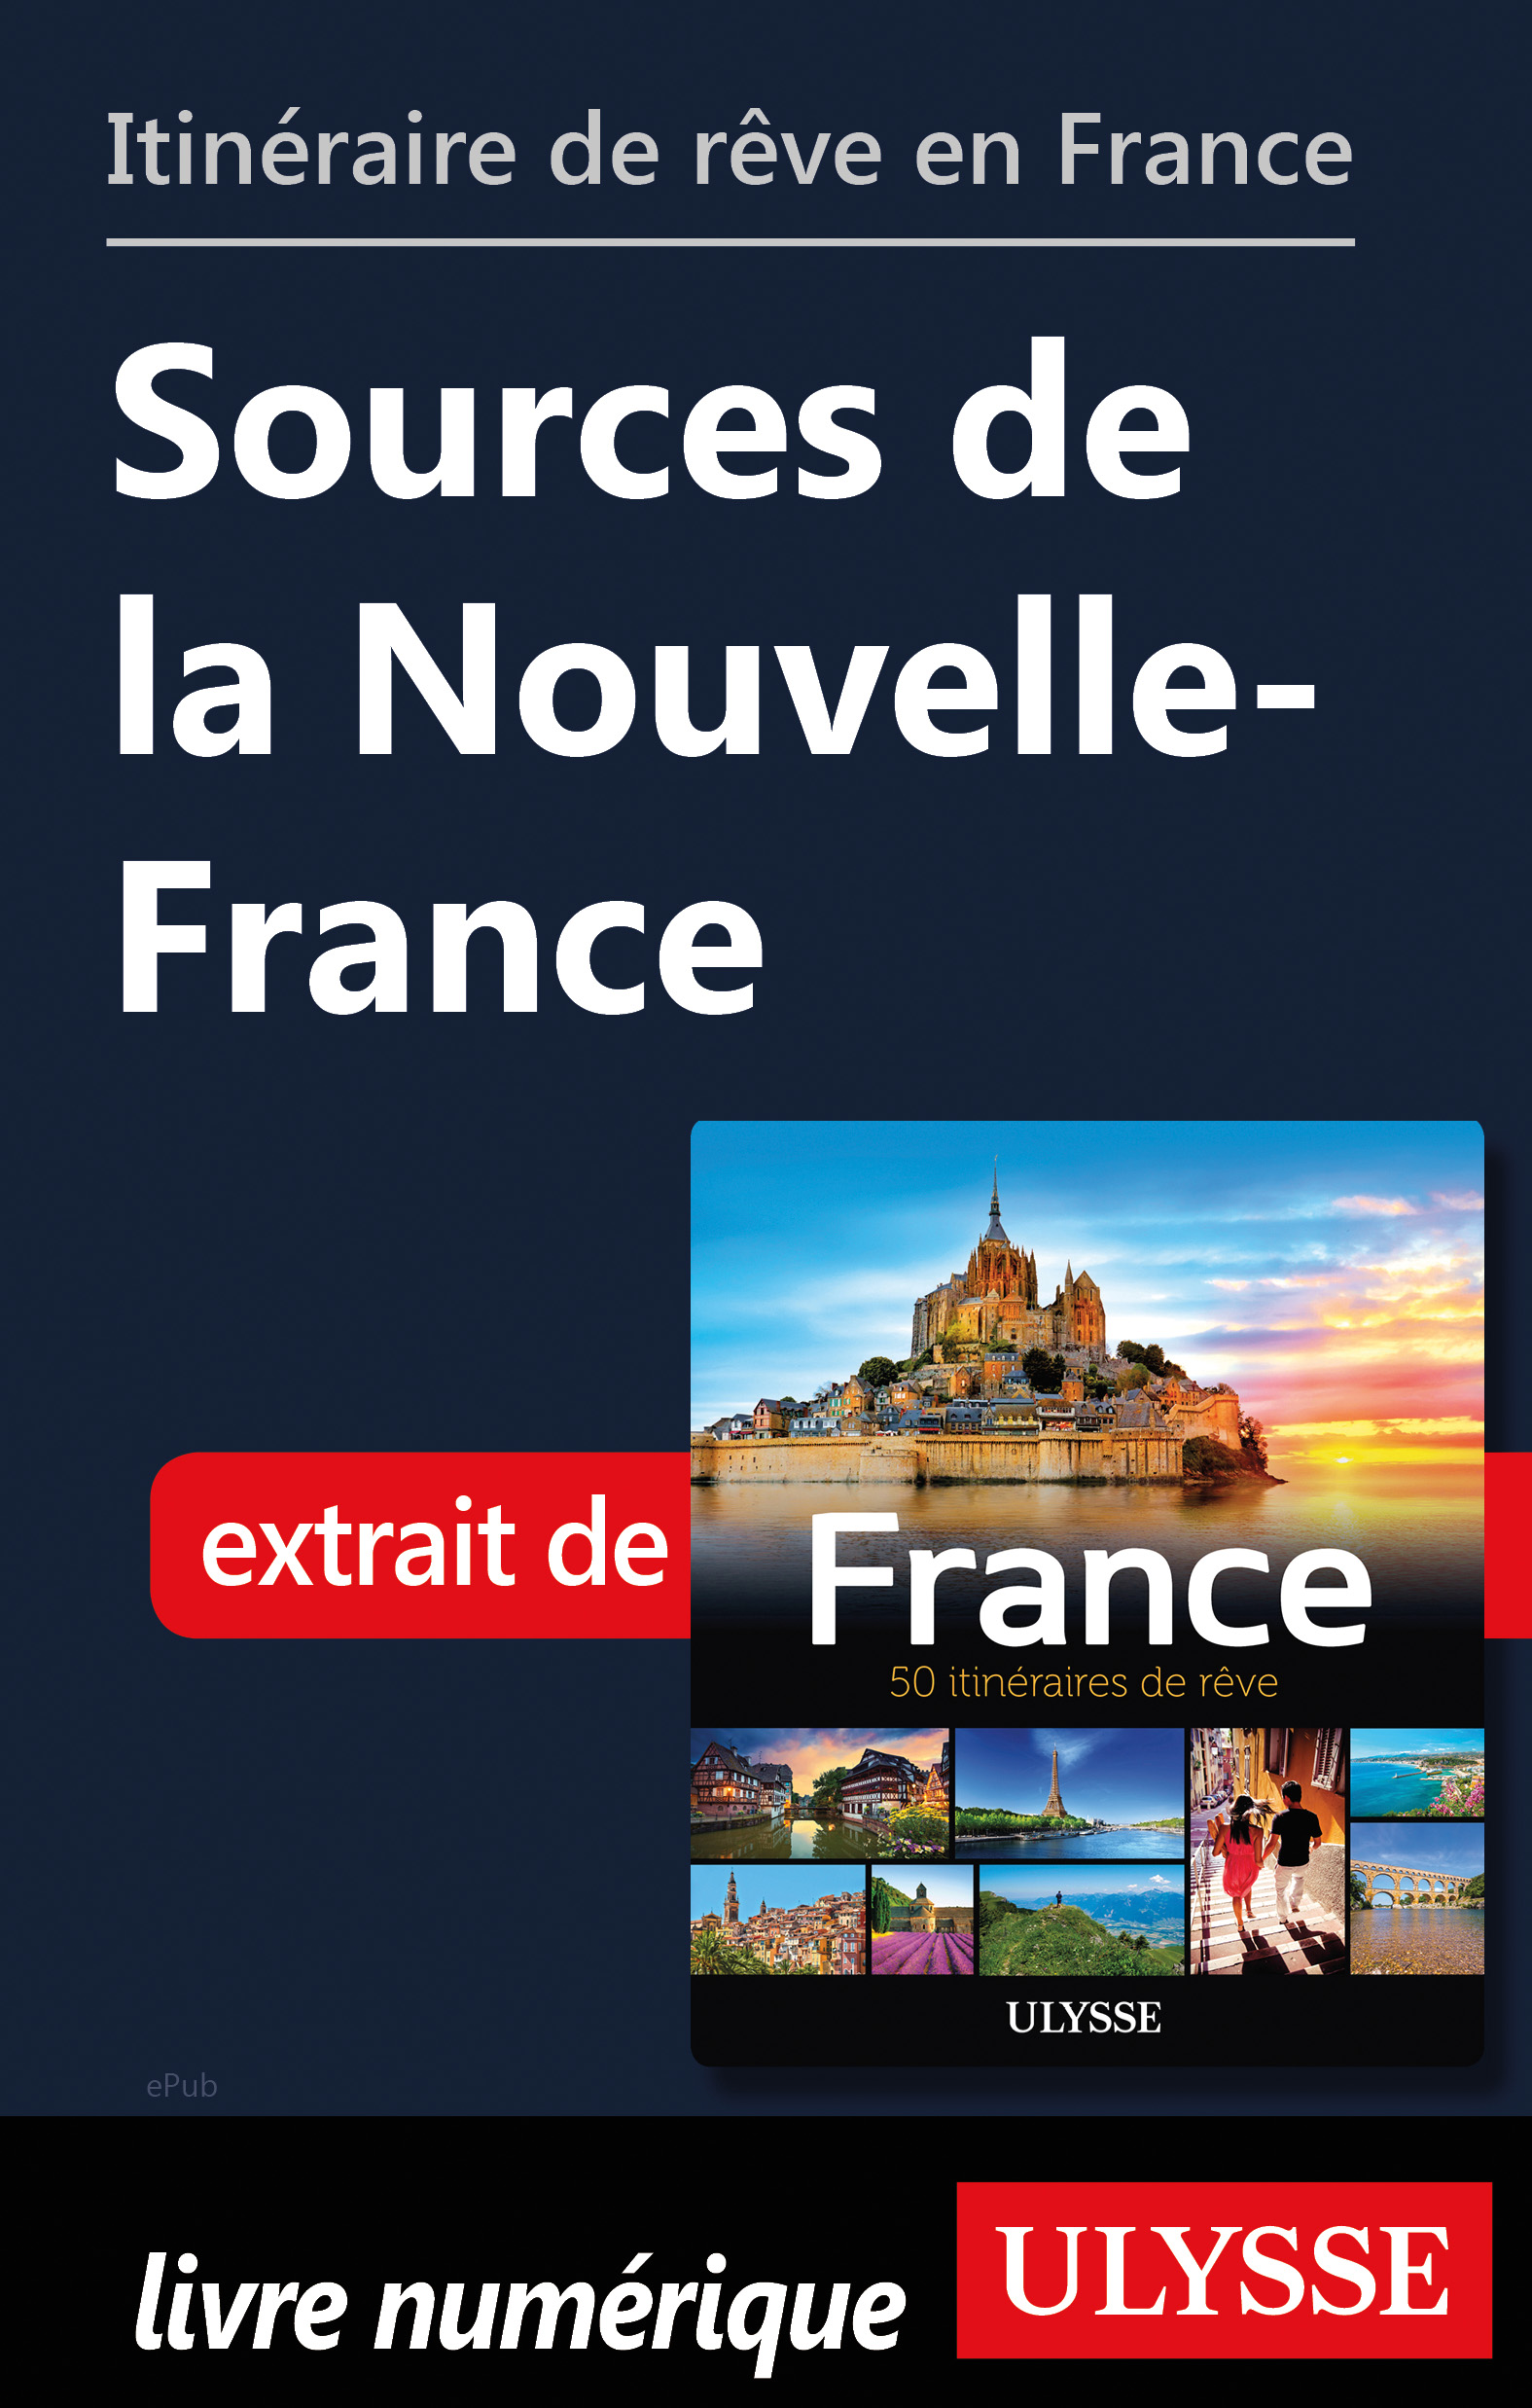 Itinéraire de rêve en France - Sources de la Nouvelle-France